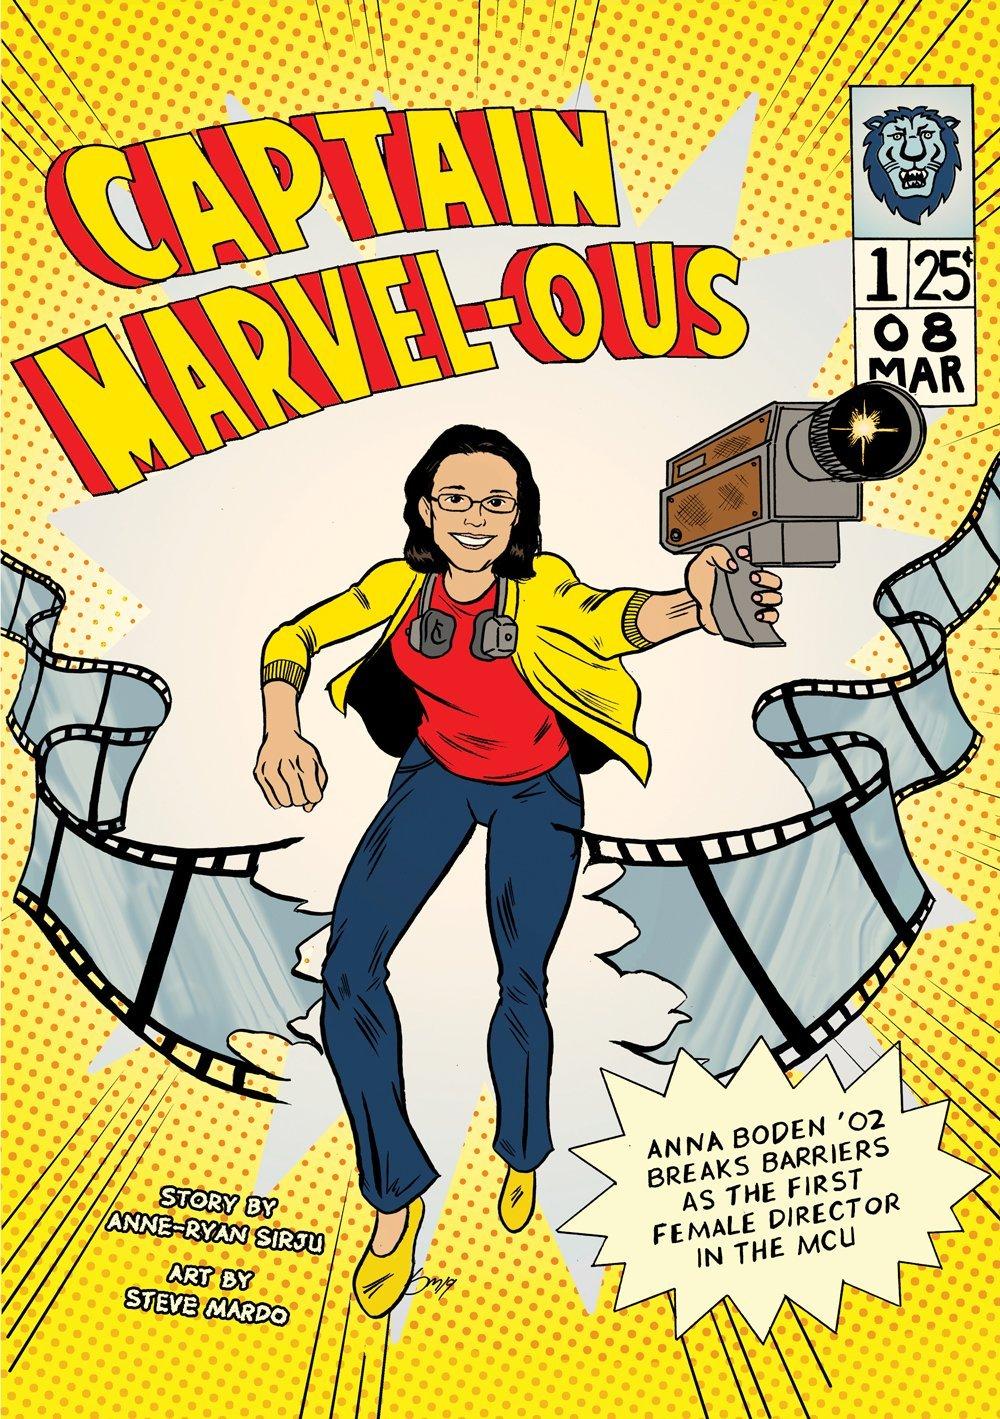 Captain Marvel-ous